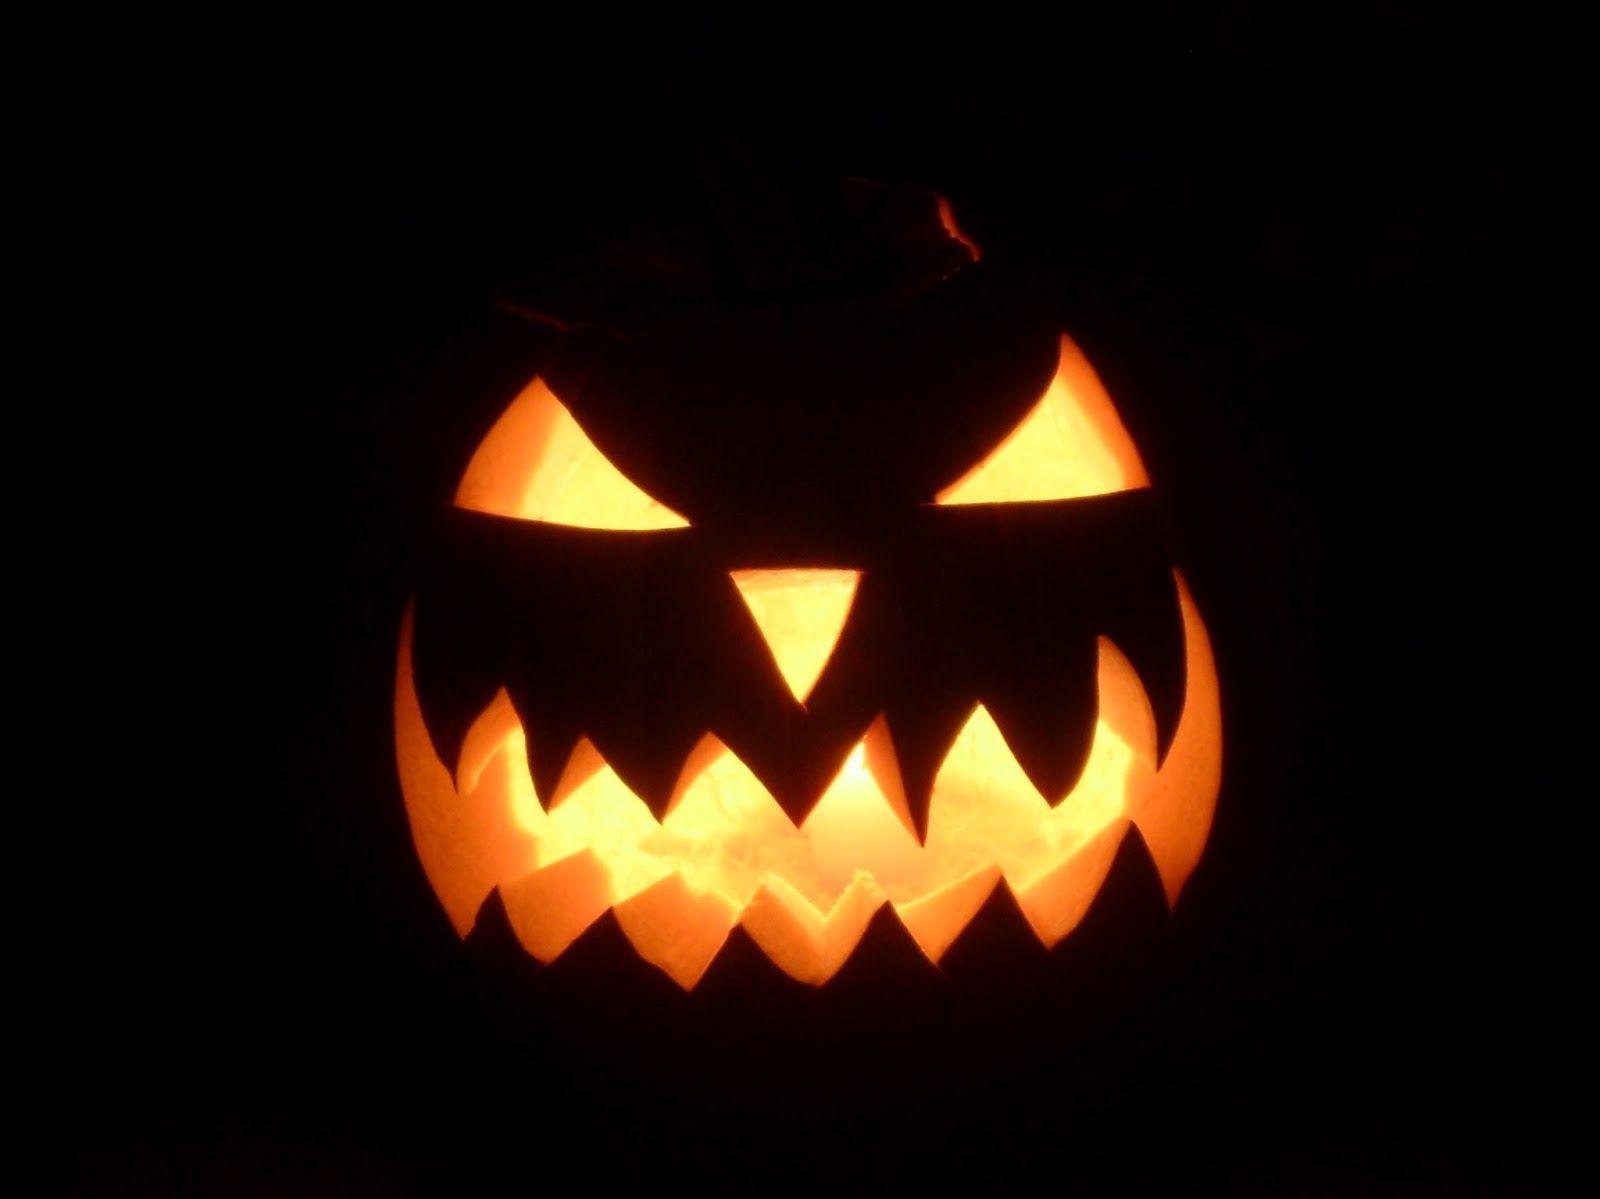 Jack Nightmare Before Christmas Pumpkin Carving Patterns